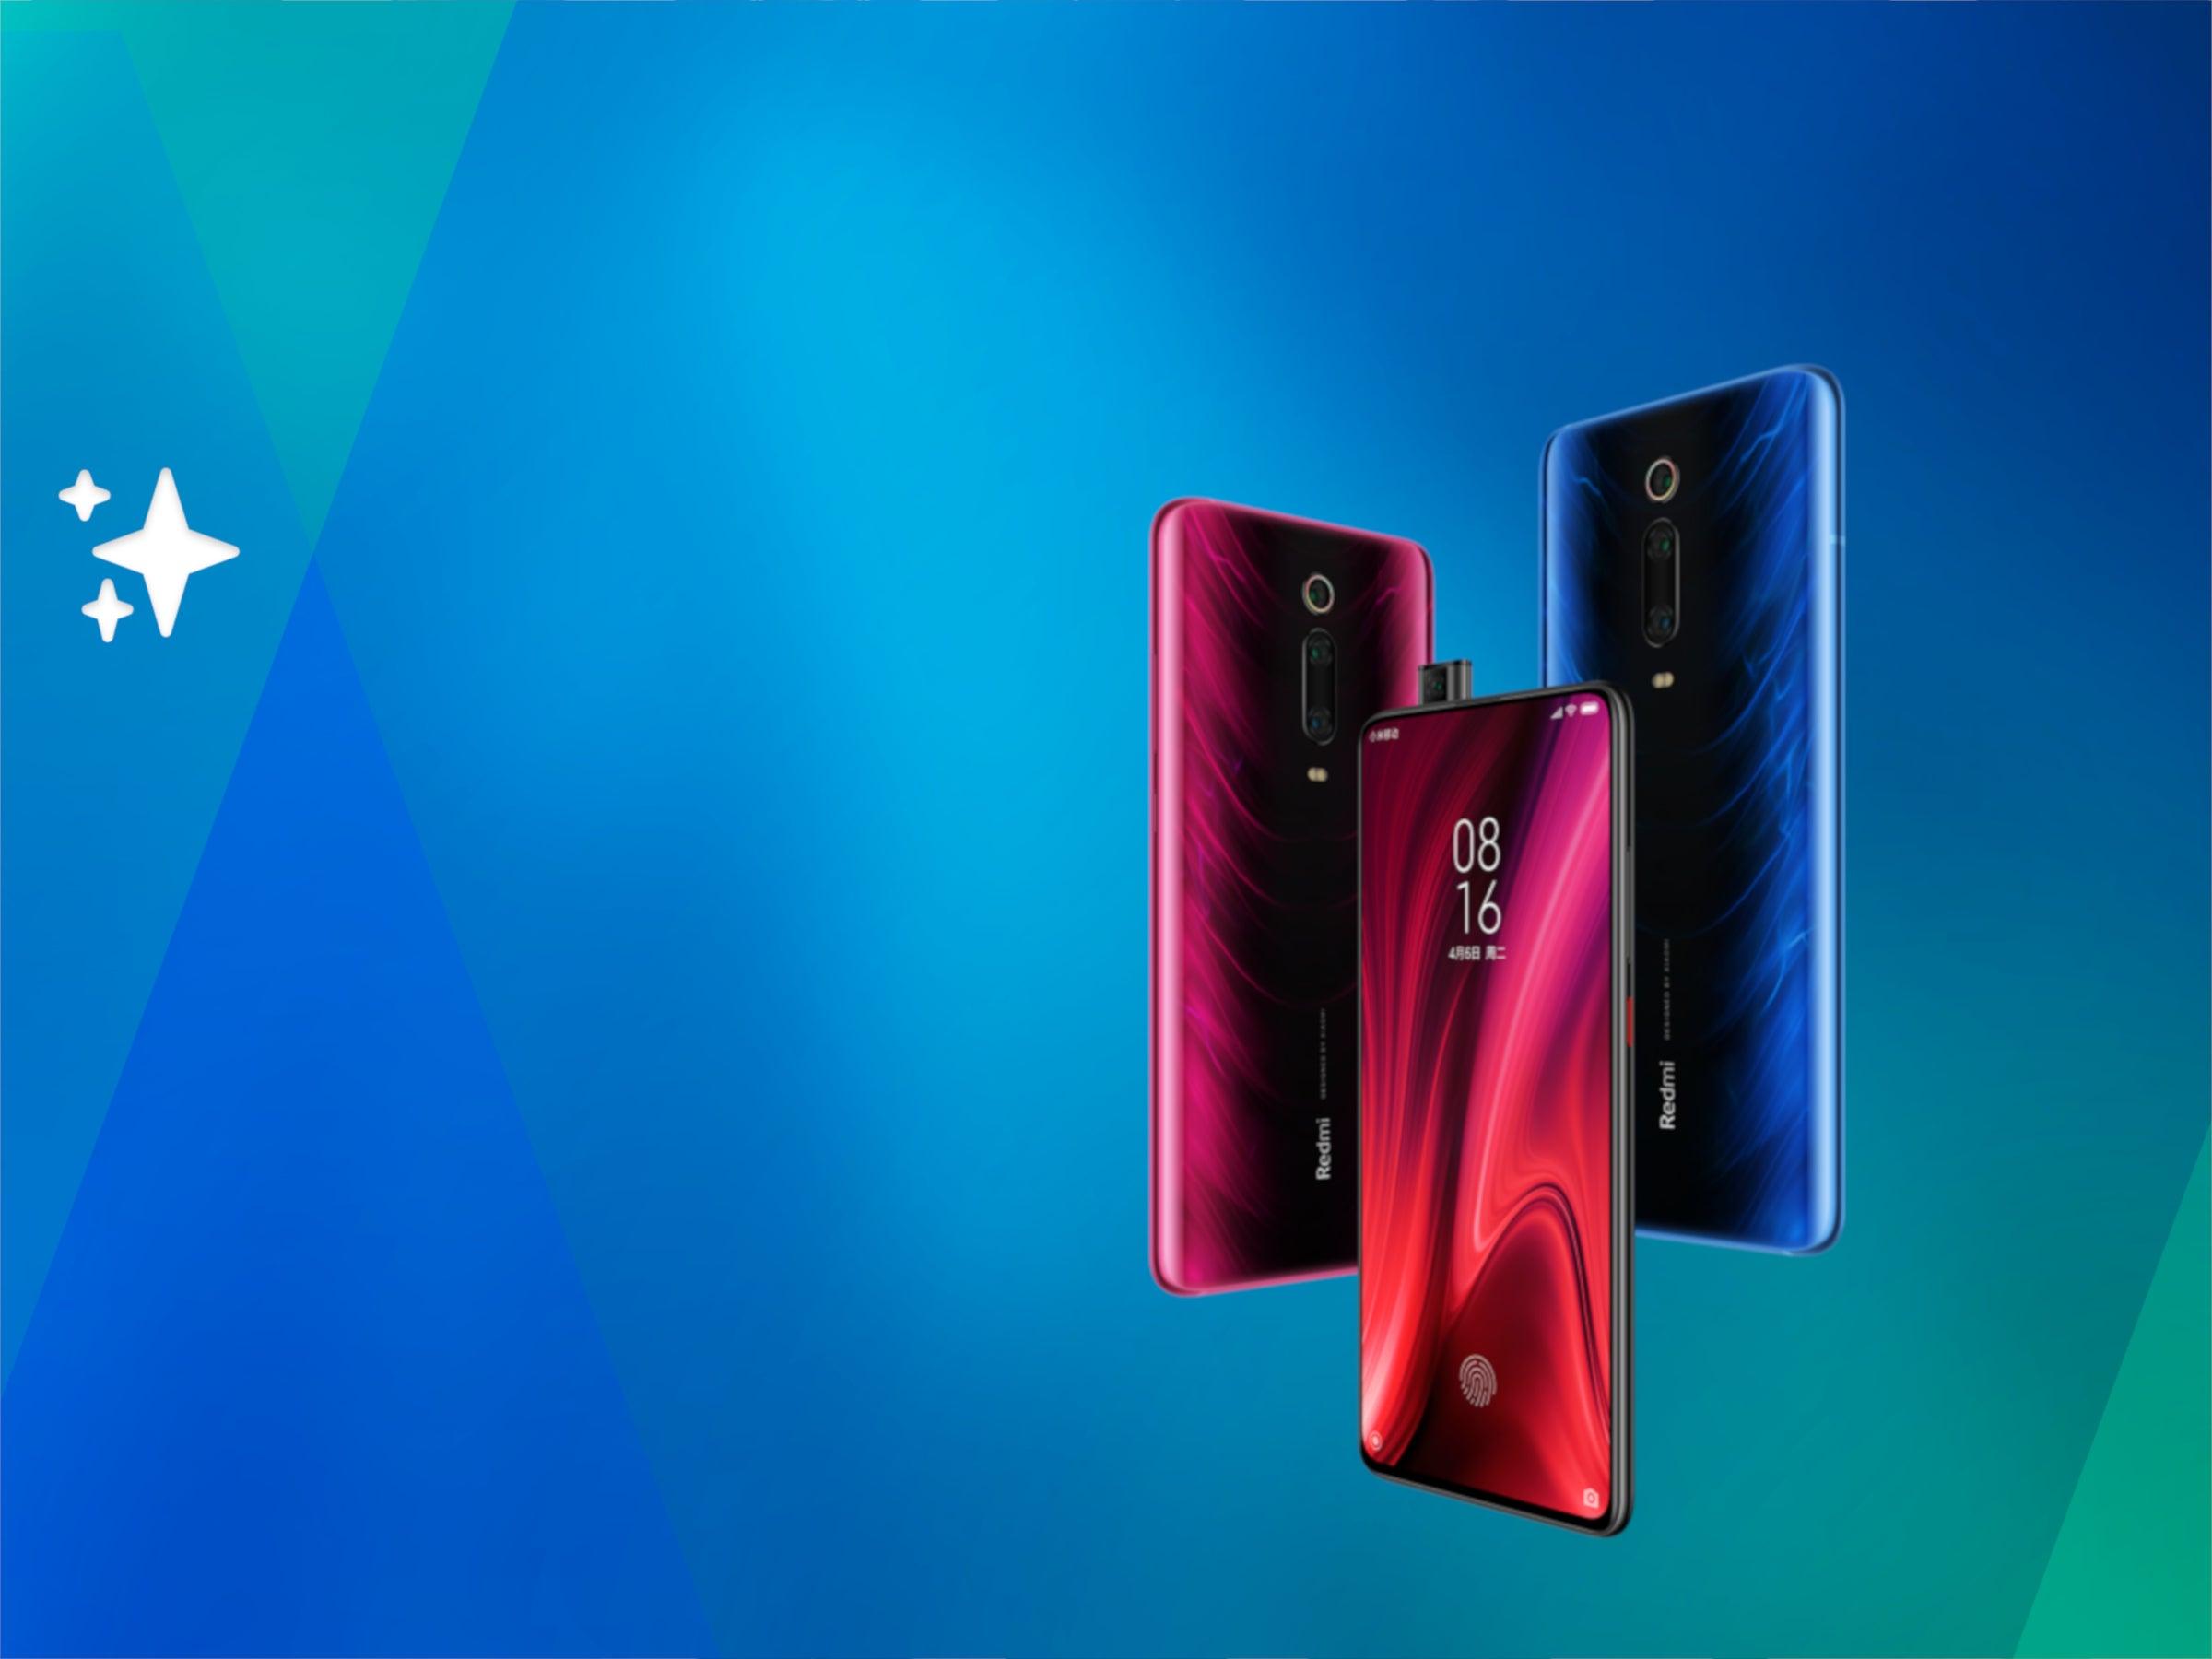 Huawei K20 Pro vor blauem Huntergrund